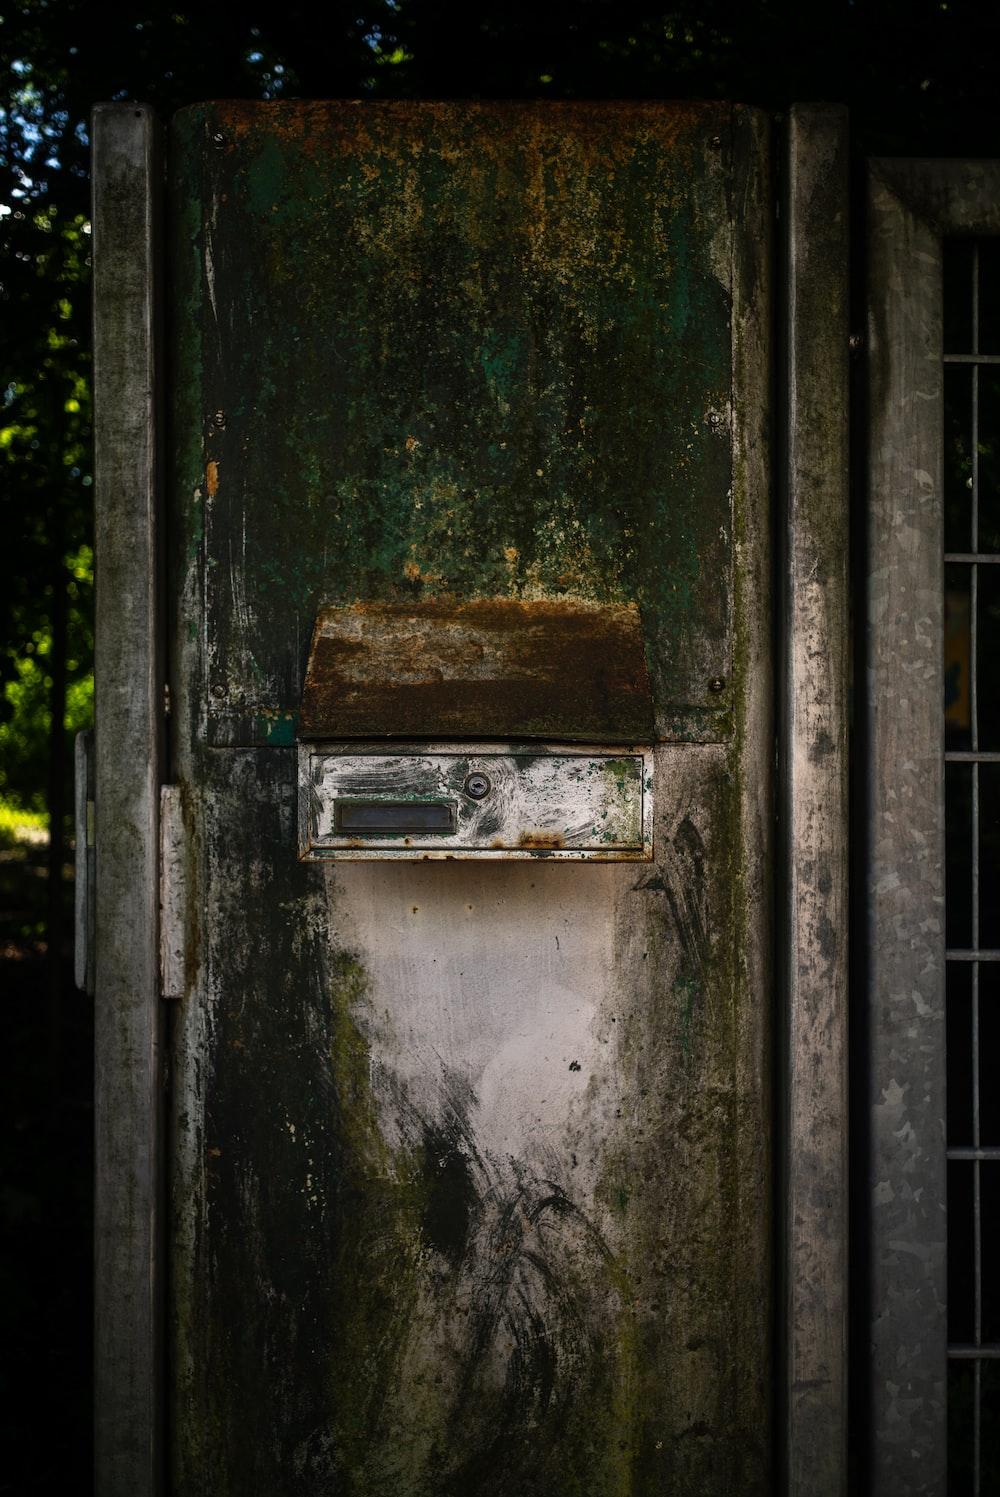 green and brown wooden door